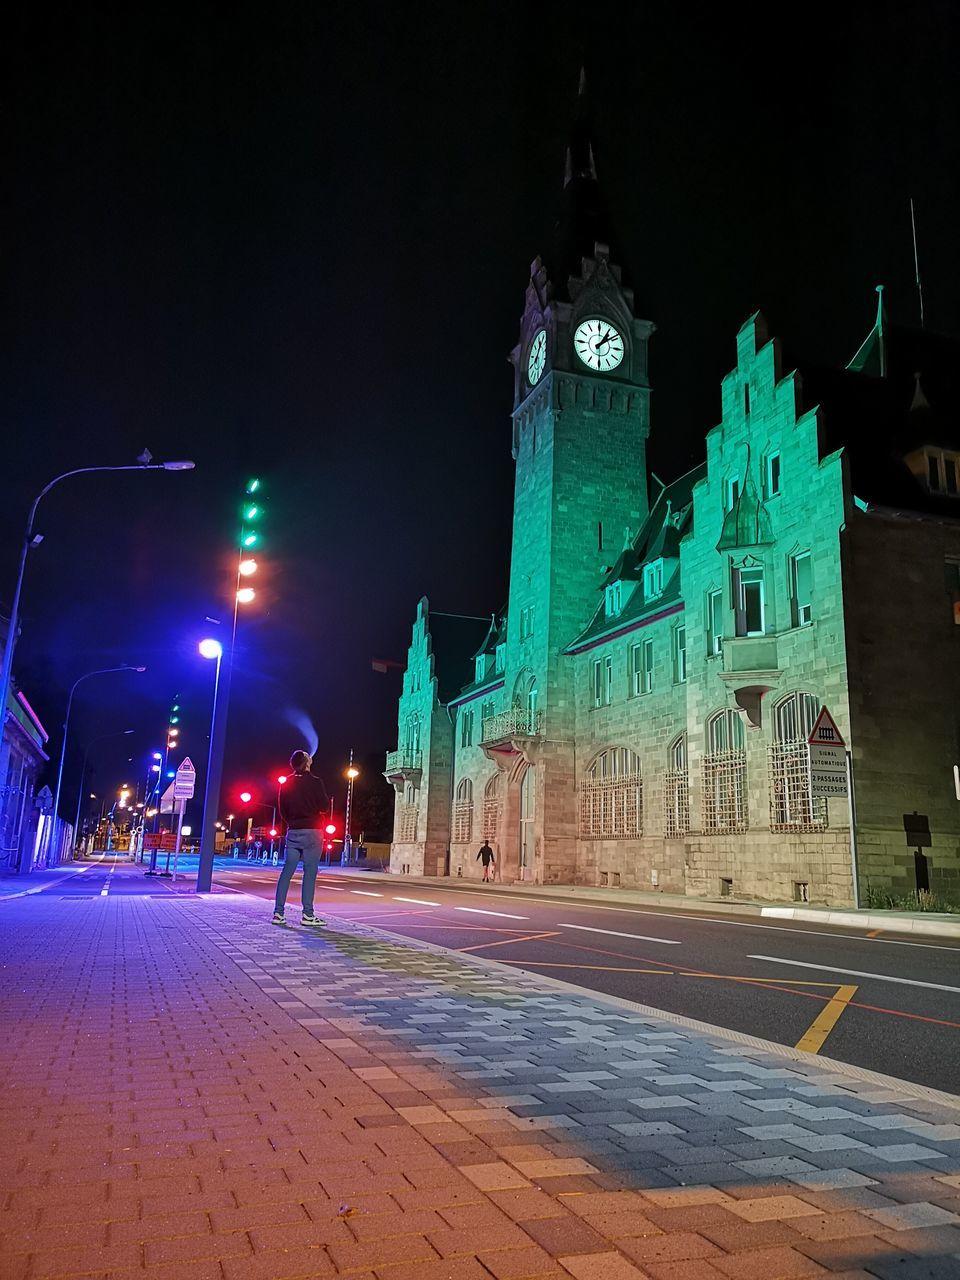 ILLUMINATED STREET LIGHT IN CITY